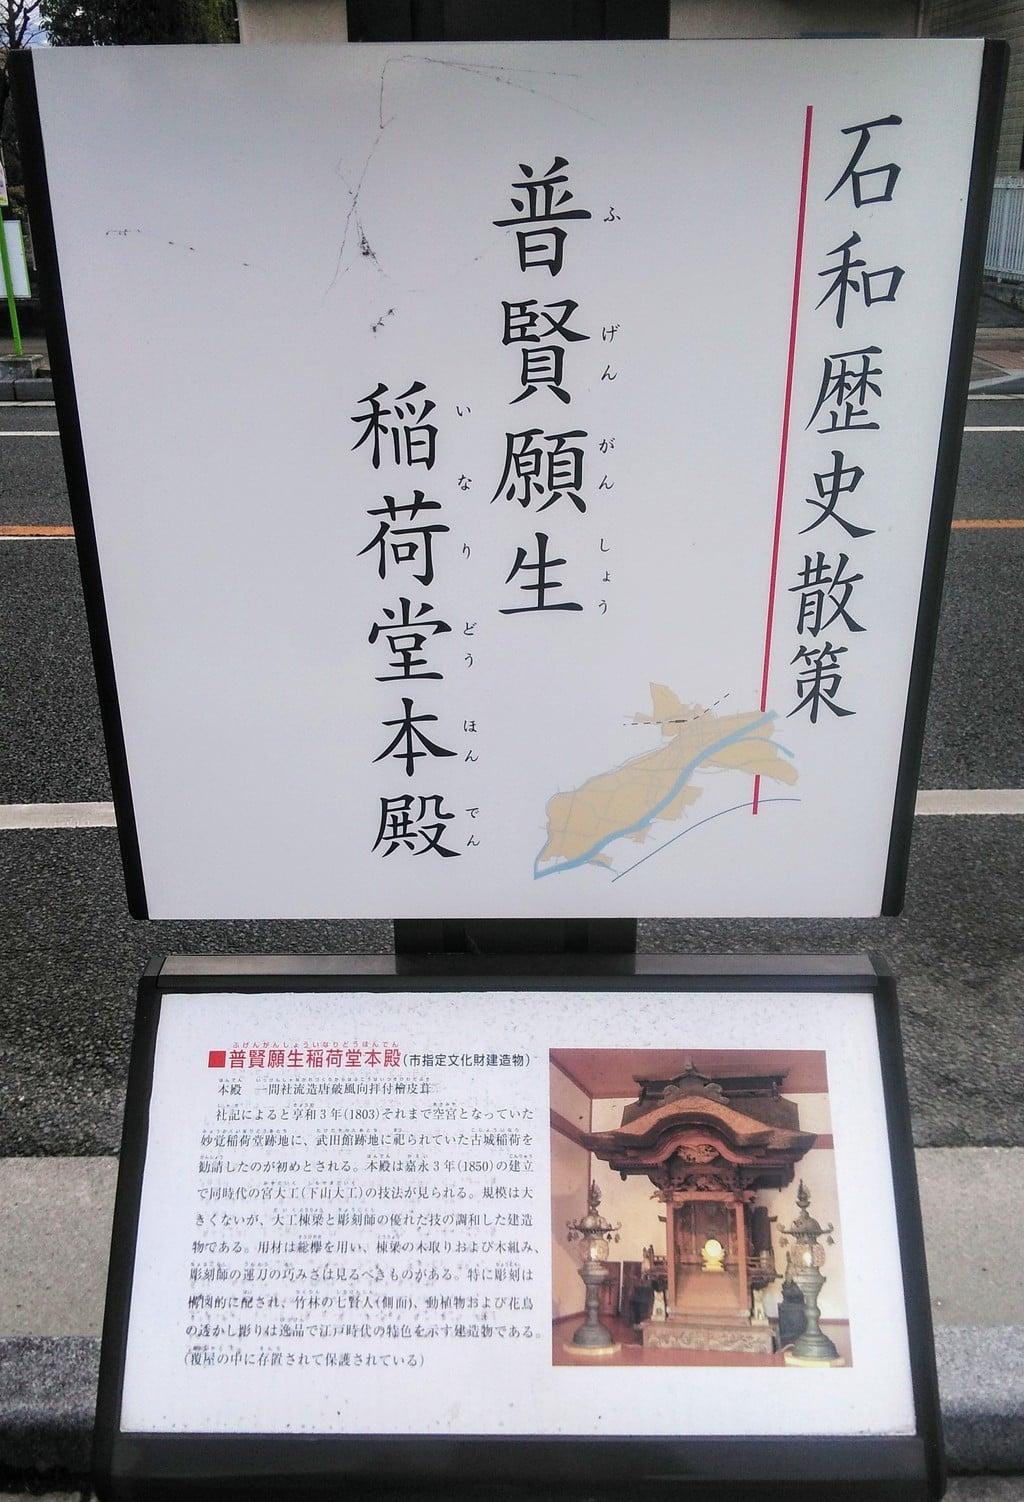 普賢願生稲荷堂本殿の歴史